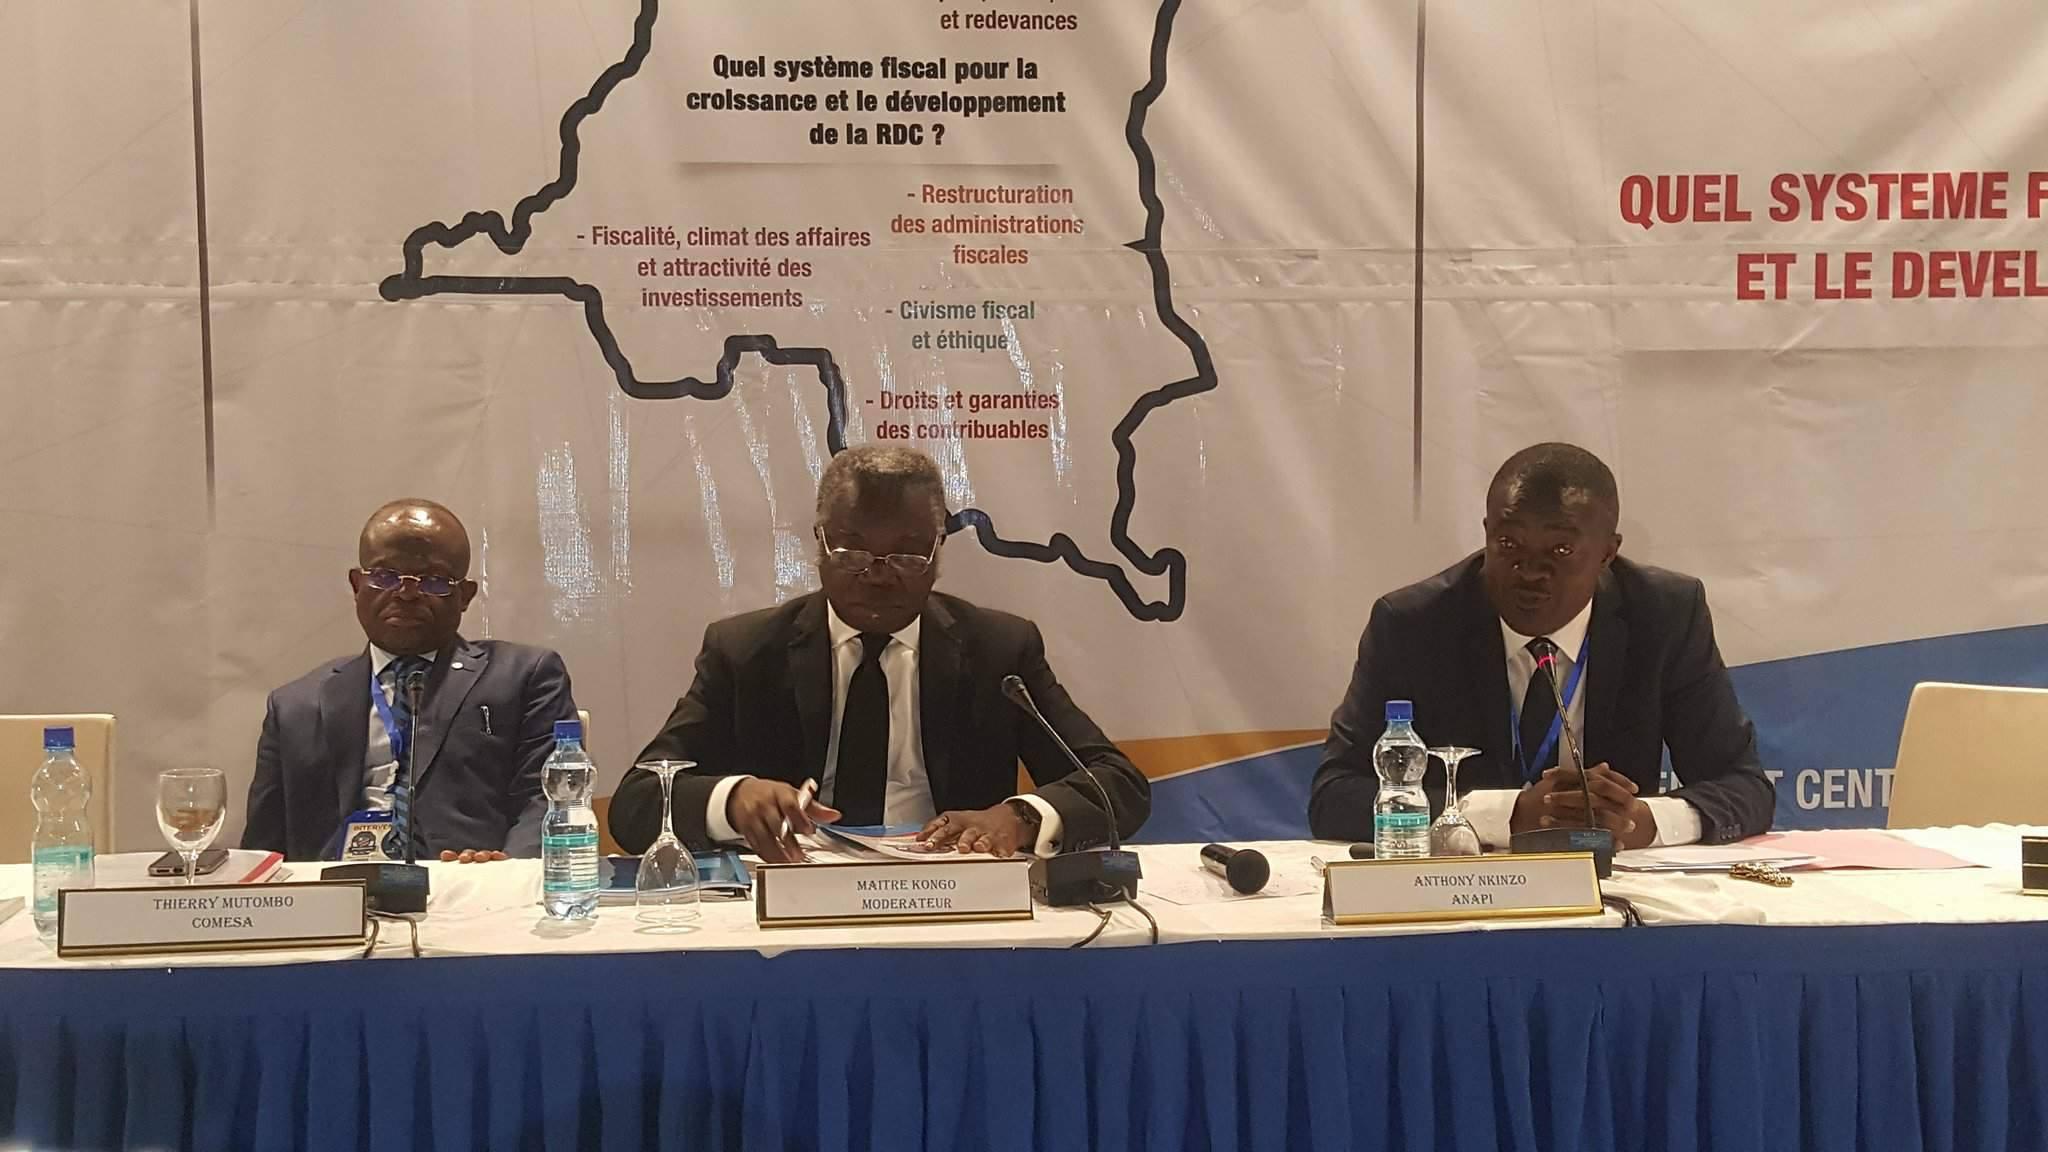 Sénateur Nkongo Budina Nzau Panel @Zoom_eco